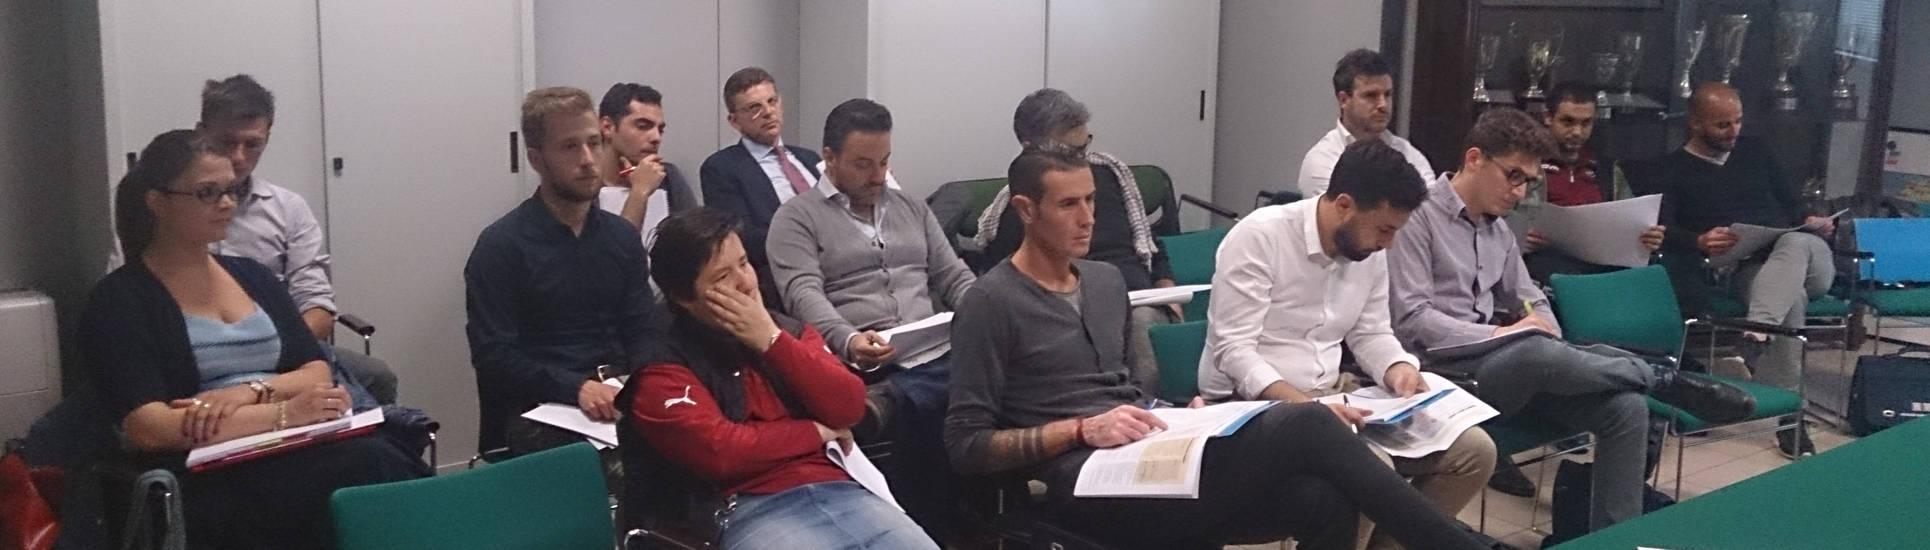 A Lezione Di Assicurazioni Nel Corso Per Collaboratori Di Bologna